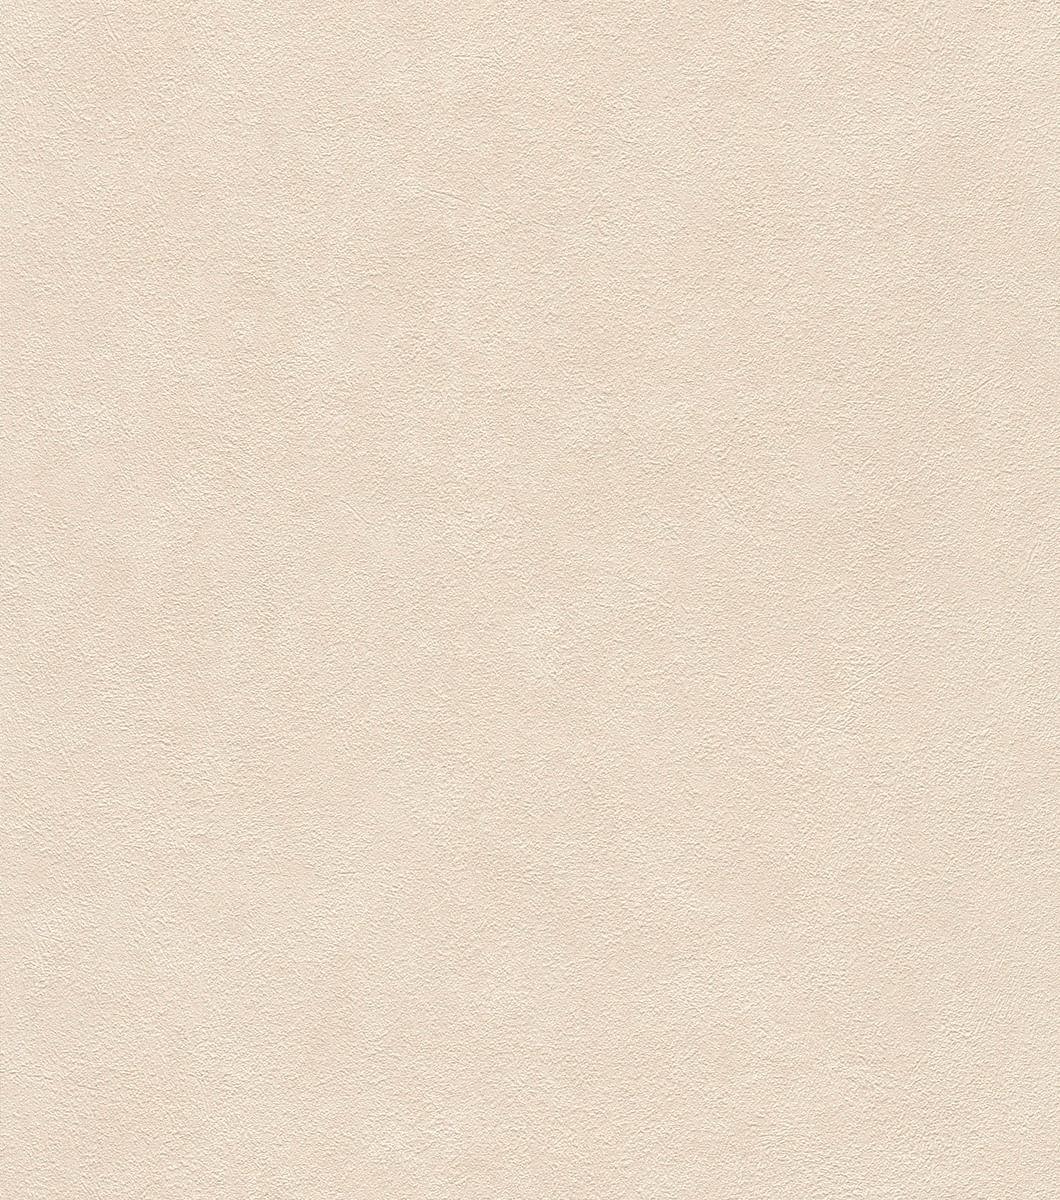 Papel de Parede Factory III 445817 - Rolo: 10m x 0,53m